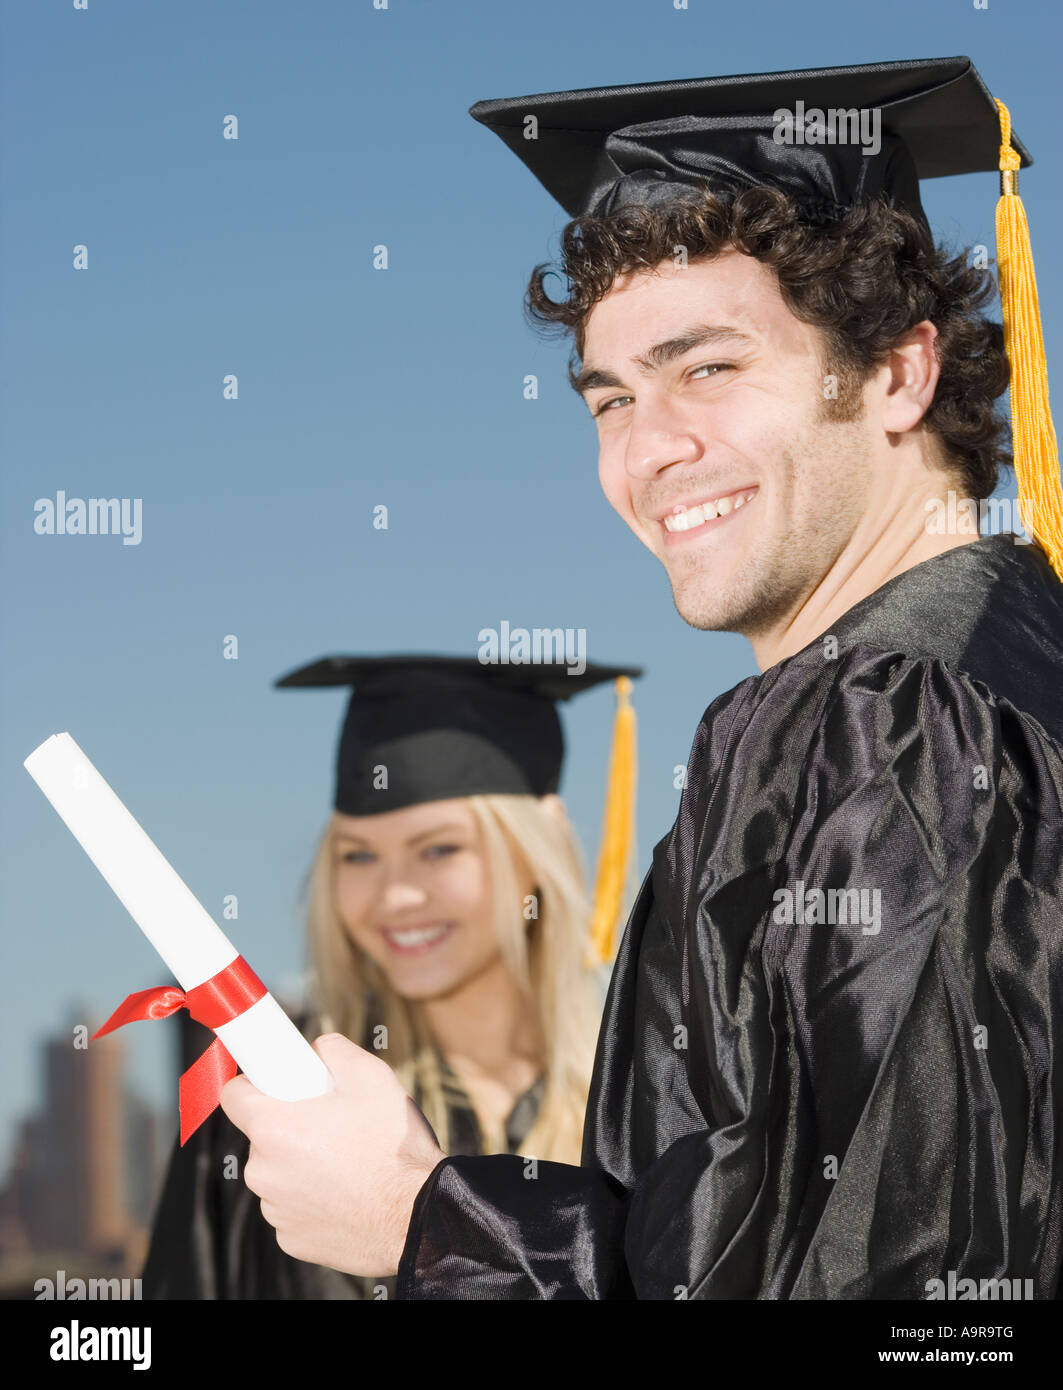 Man Wearing Graduation Cap Stock Photos & Man Wearing Graduation Cap ...